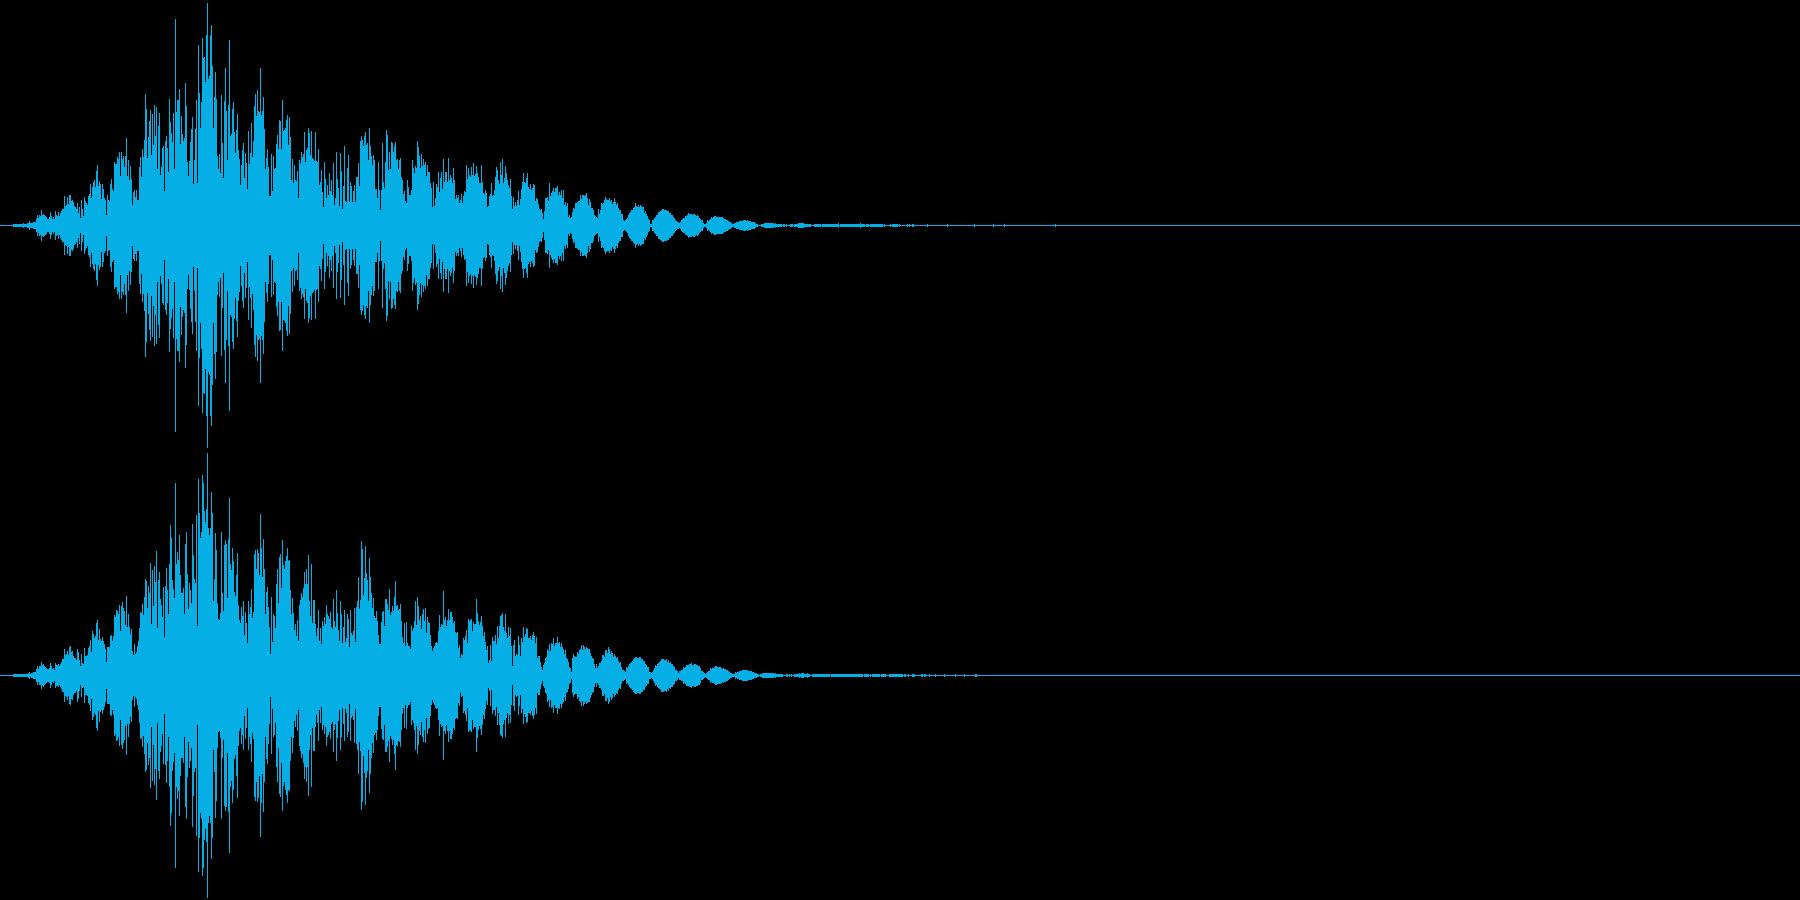 KAKUGE 格闘ゲーム戦闘音 63の再生済みの波形